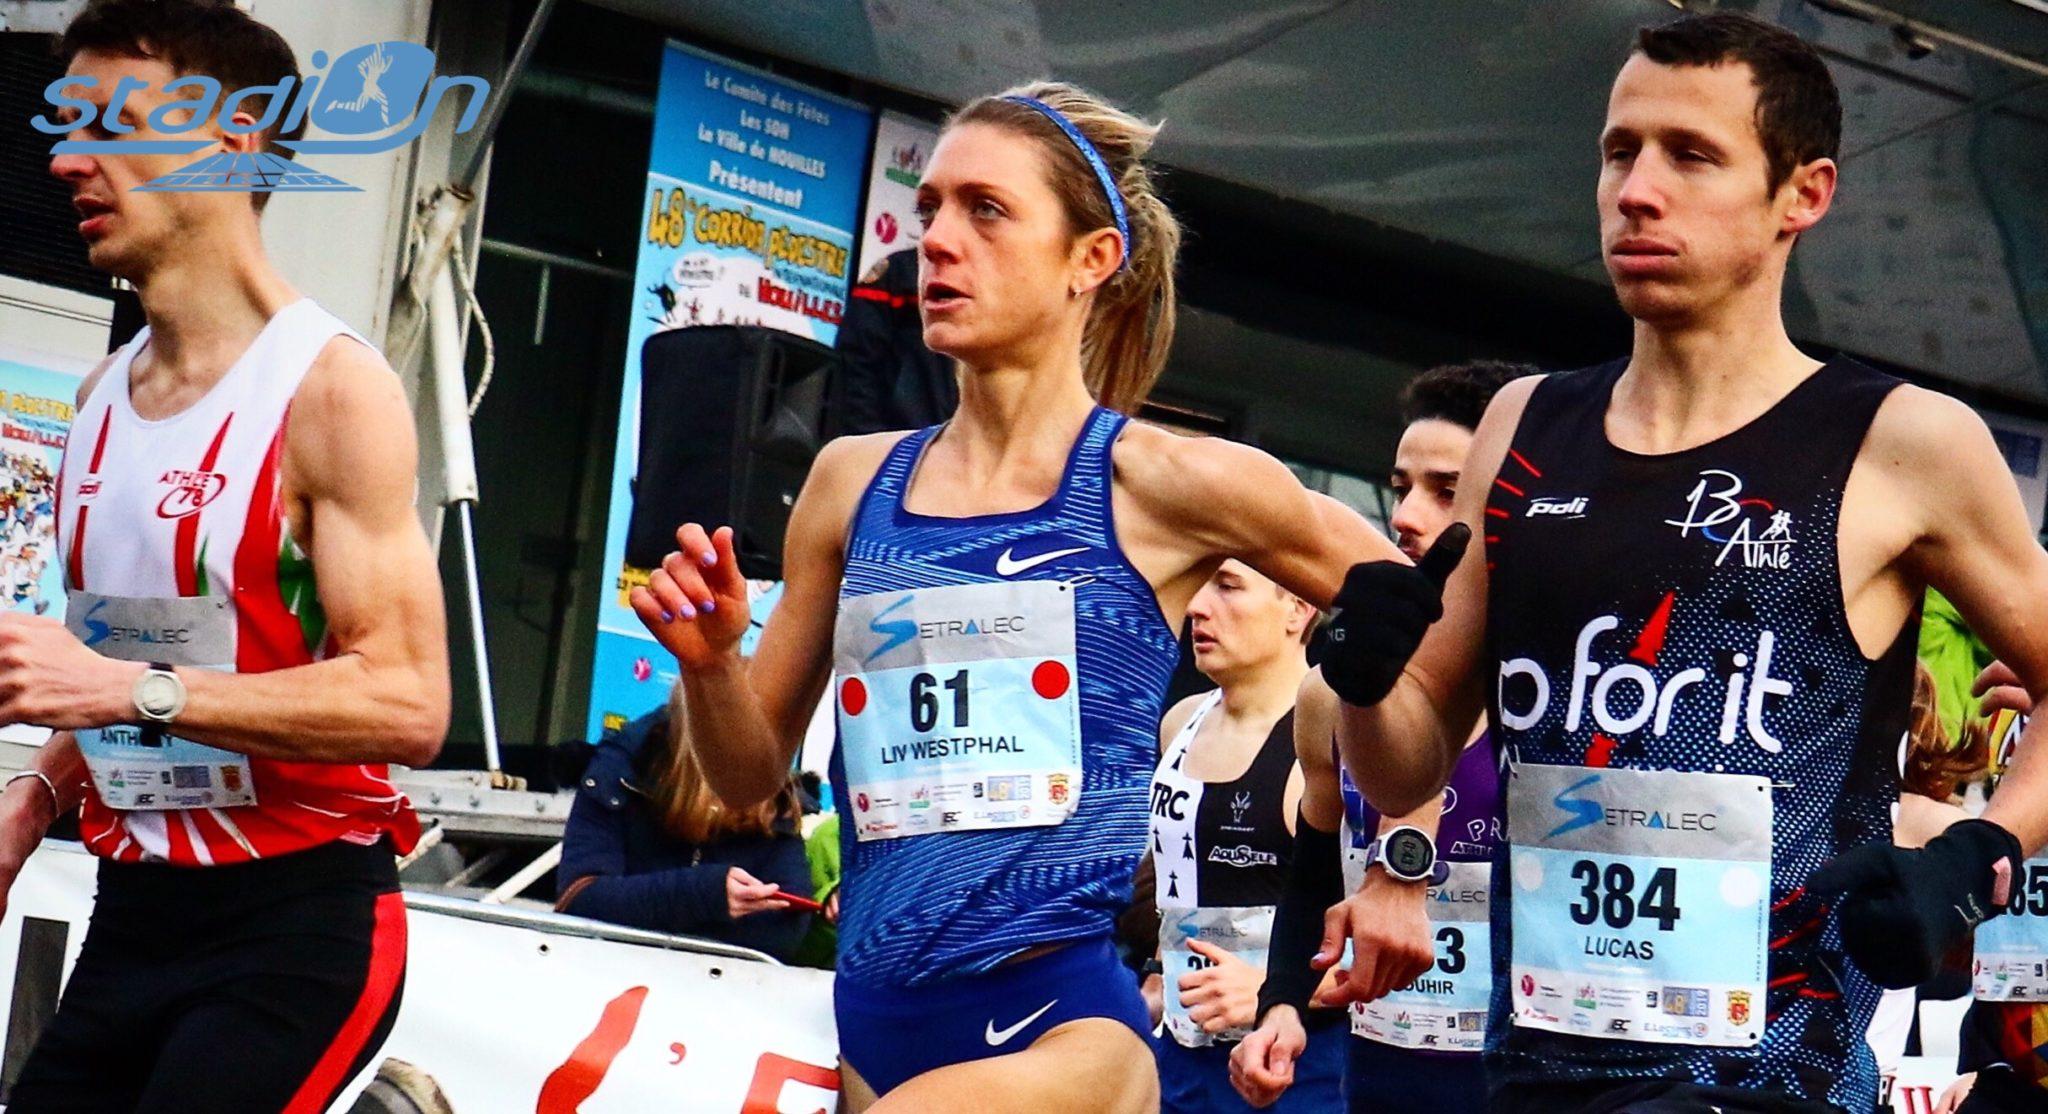 Support des Championnats de France de 10 km, la Corrida de Langueux est officiellement reportée du 19 juin au 4 septembre 2021.